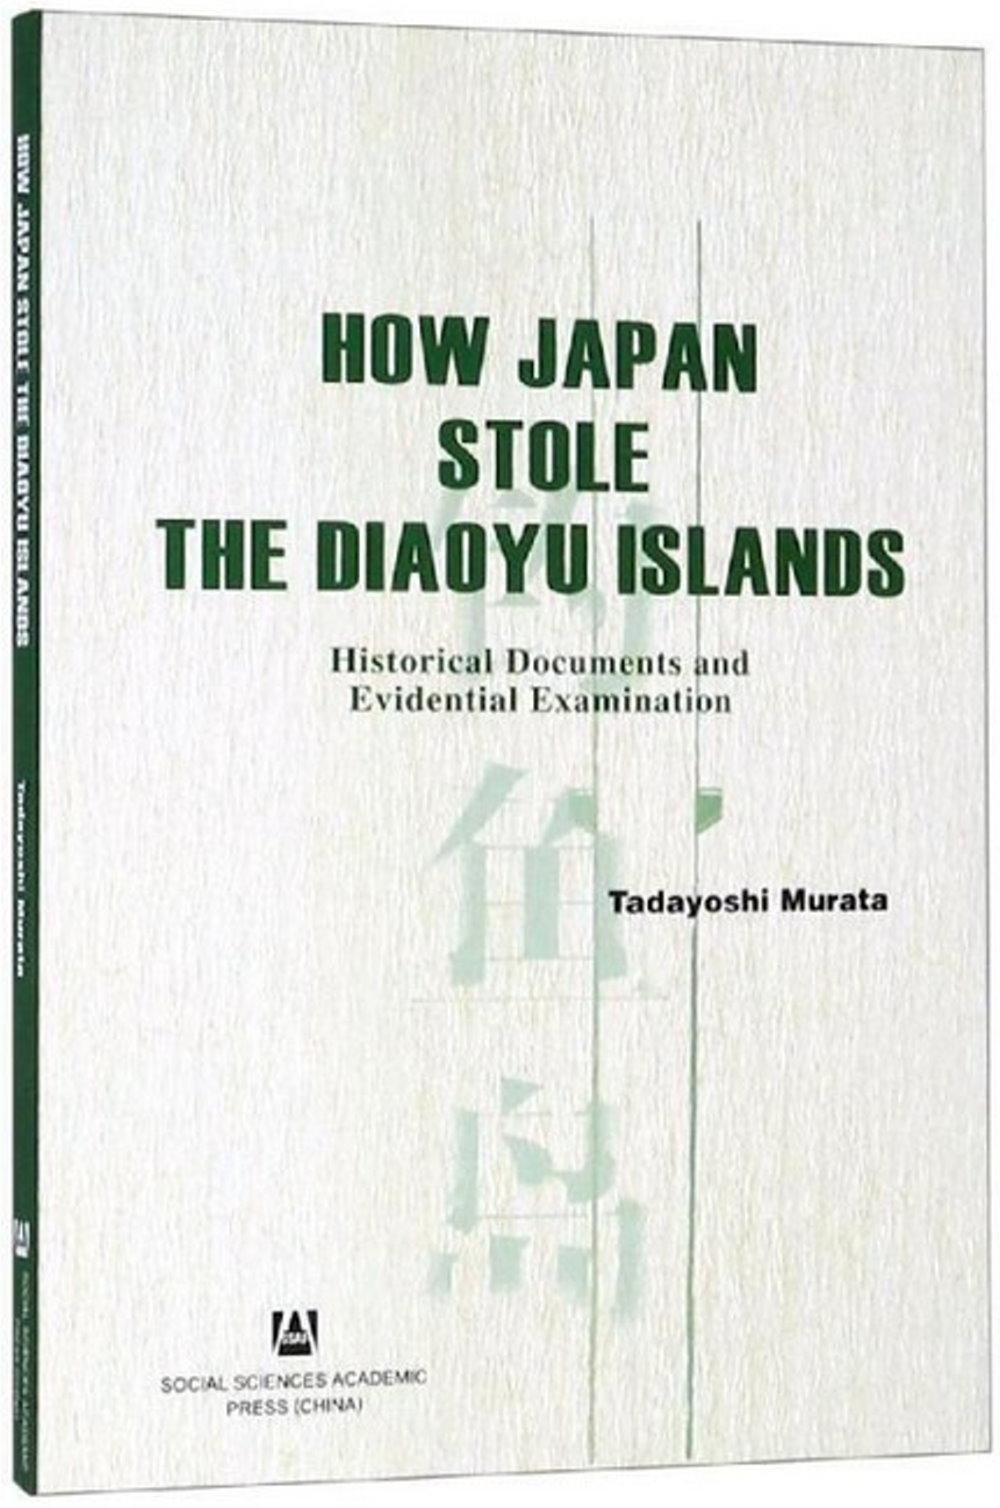 日本竊取釣魚島始末:史料與考證(英文版)